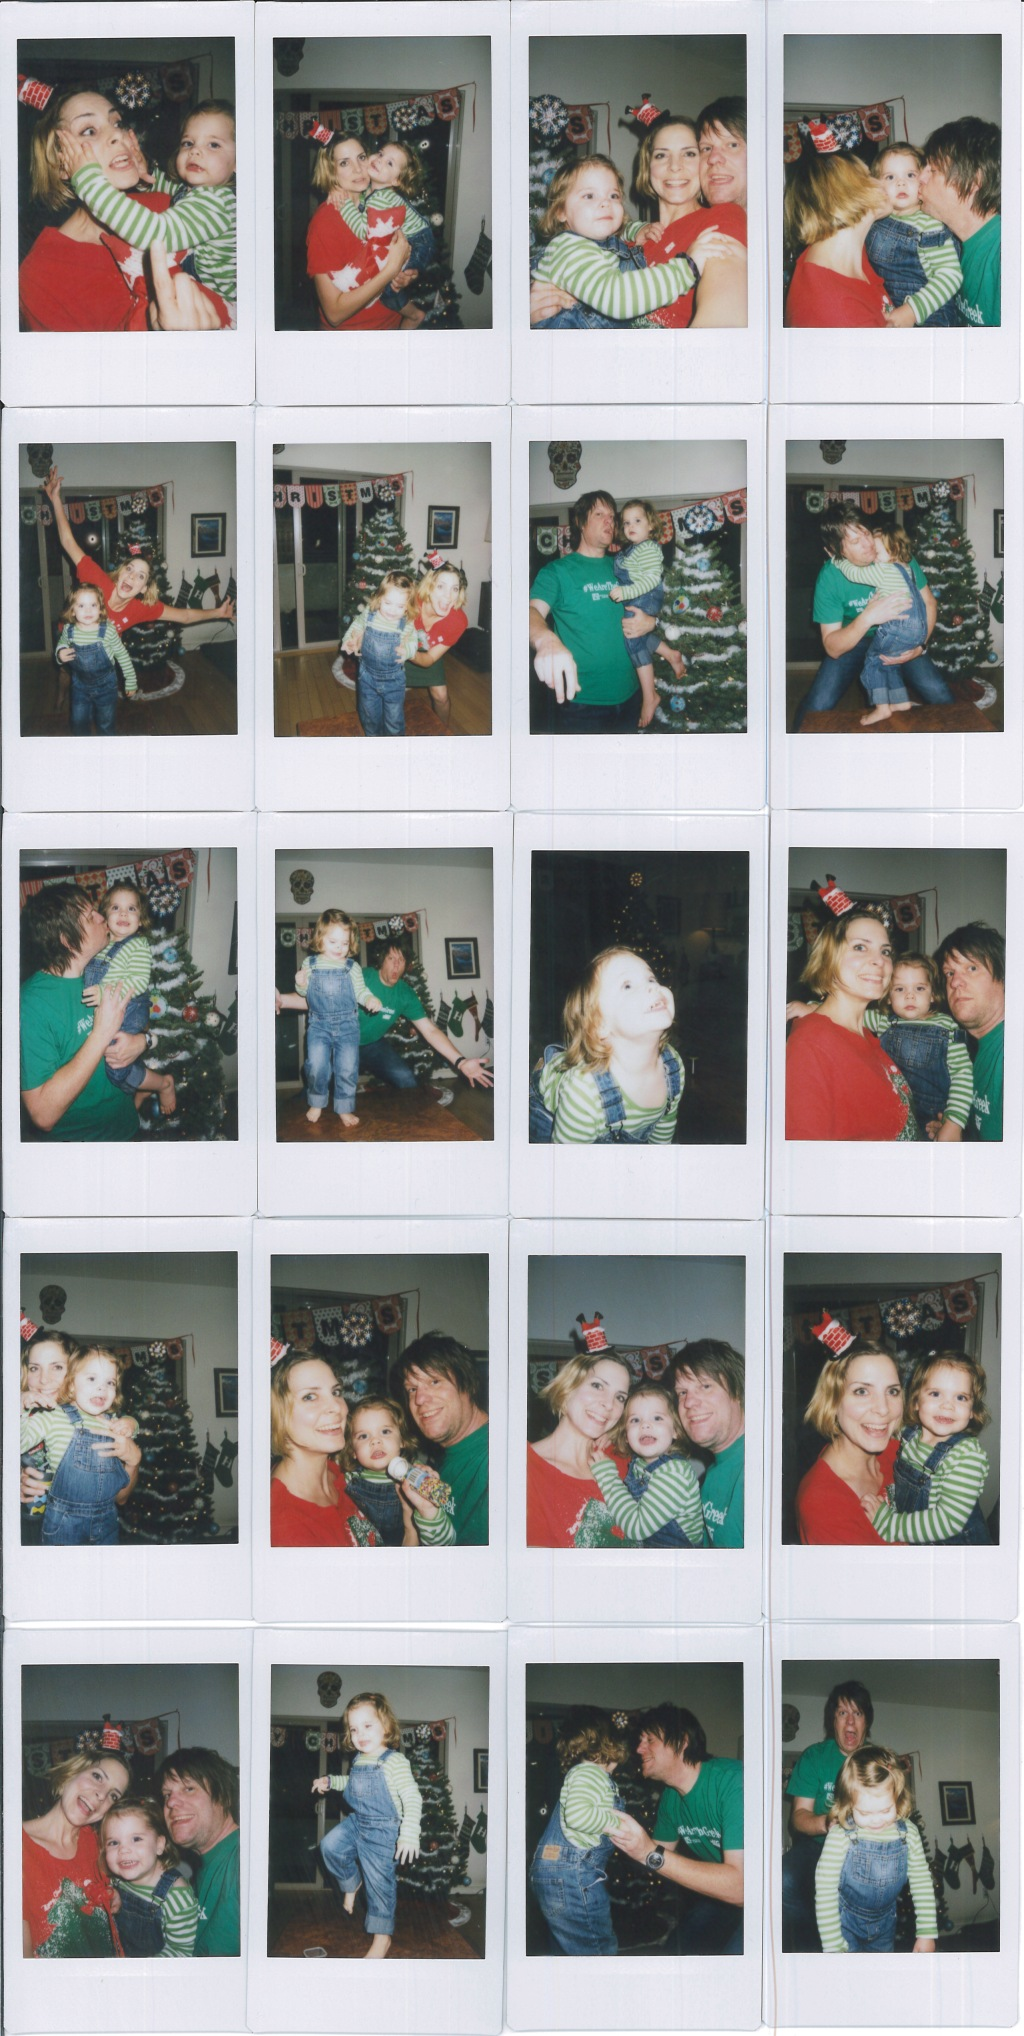 2014 Christmas Polaroids